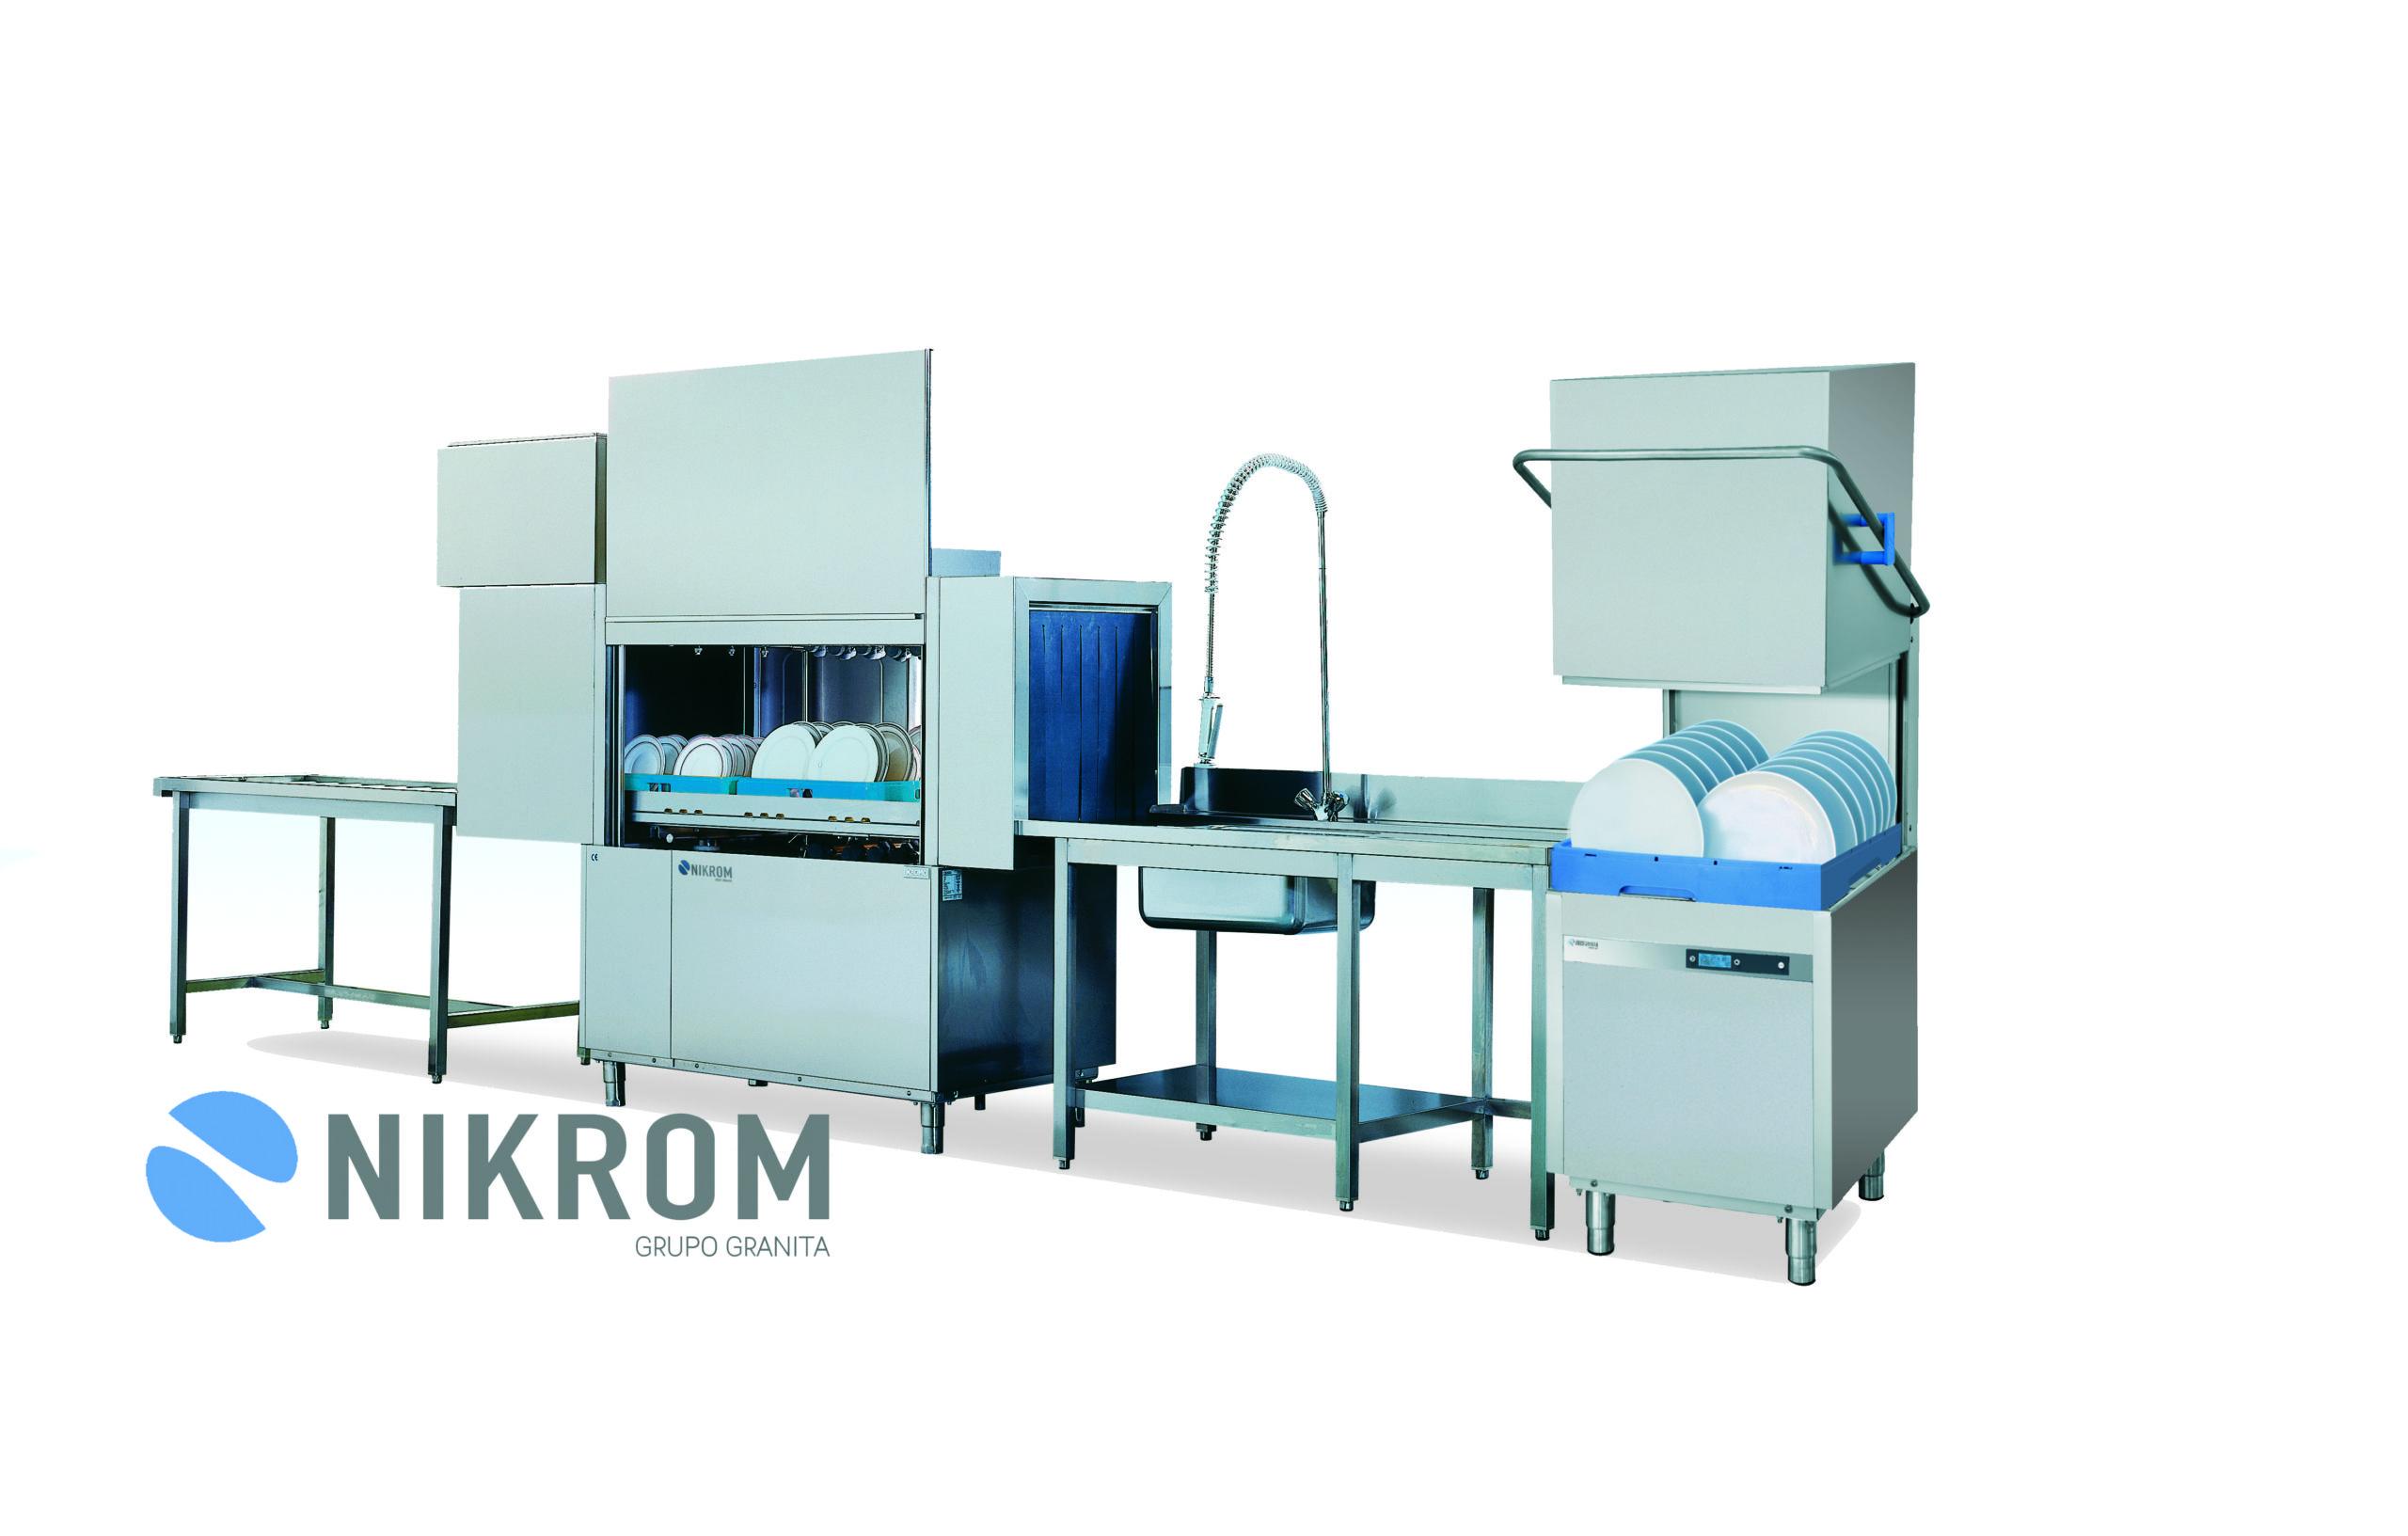 nikrom - grupo granita - lavado - menaje limpieza